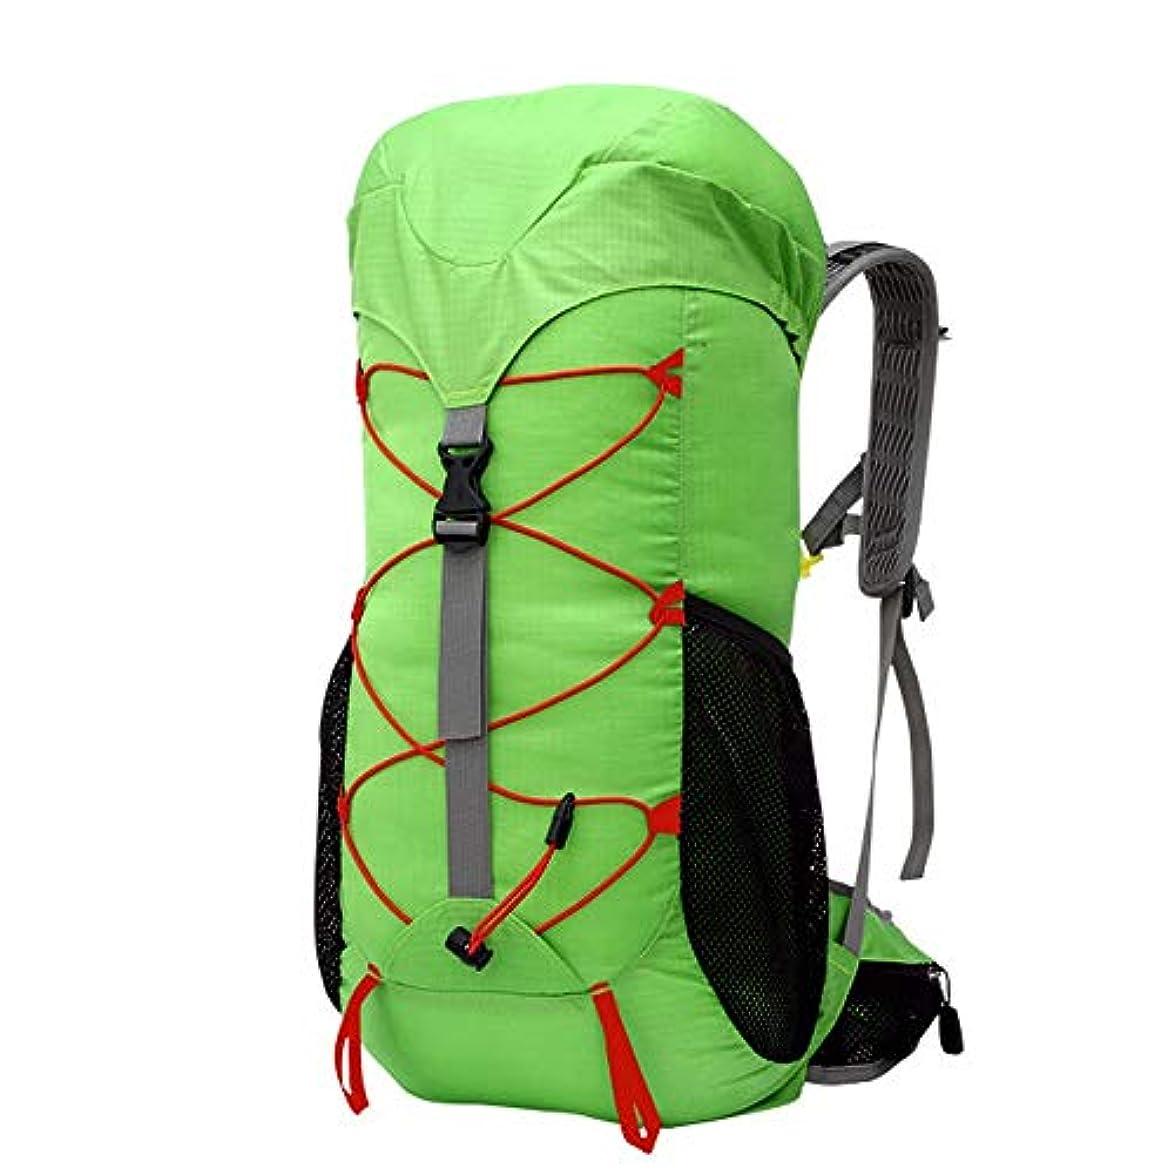 モチーフ冬バンジージャンプ自転車シートパックバッグ、マウンテンバイク乗馬バックパックキャンプ用品 自転車サドルバッグ大容量 (色 : 緑)